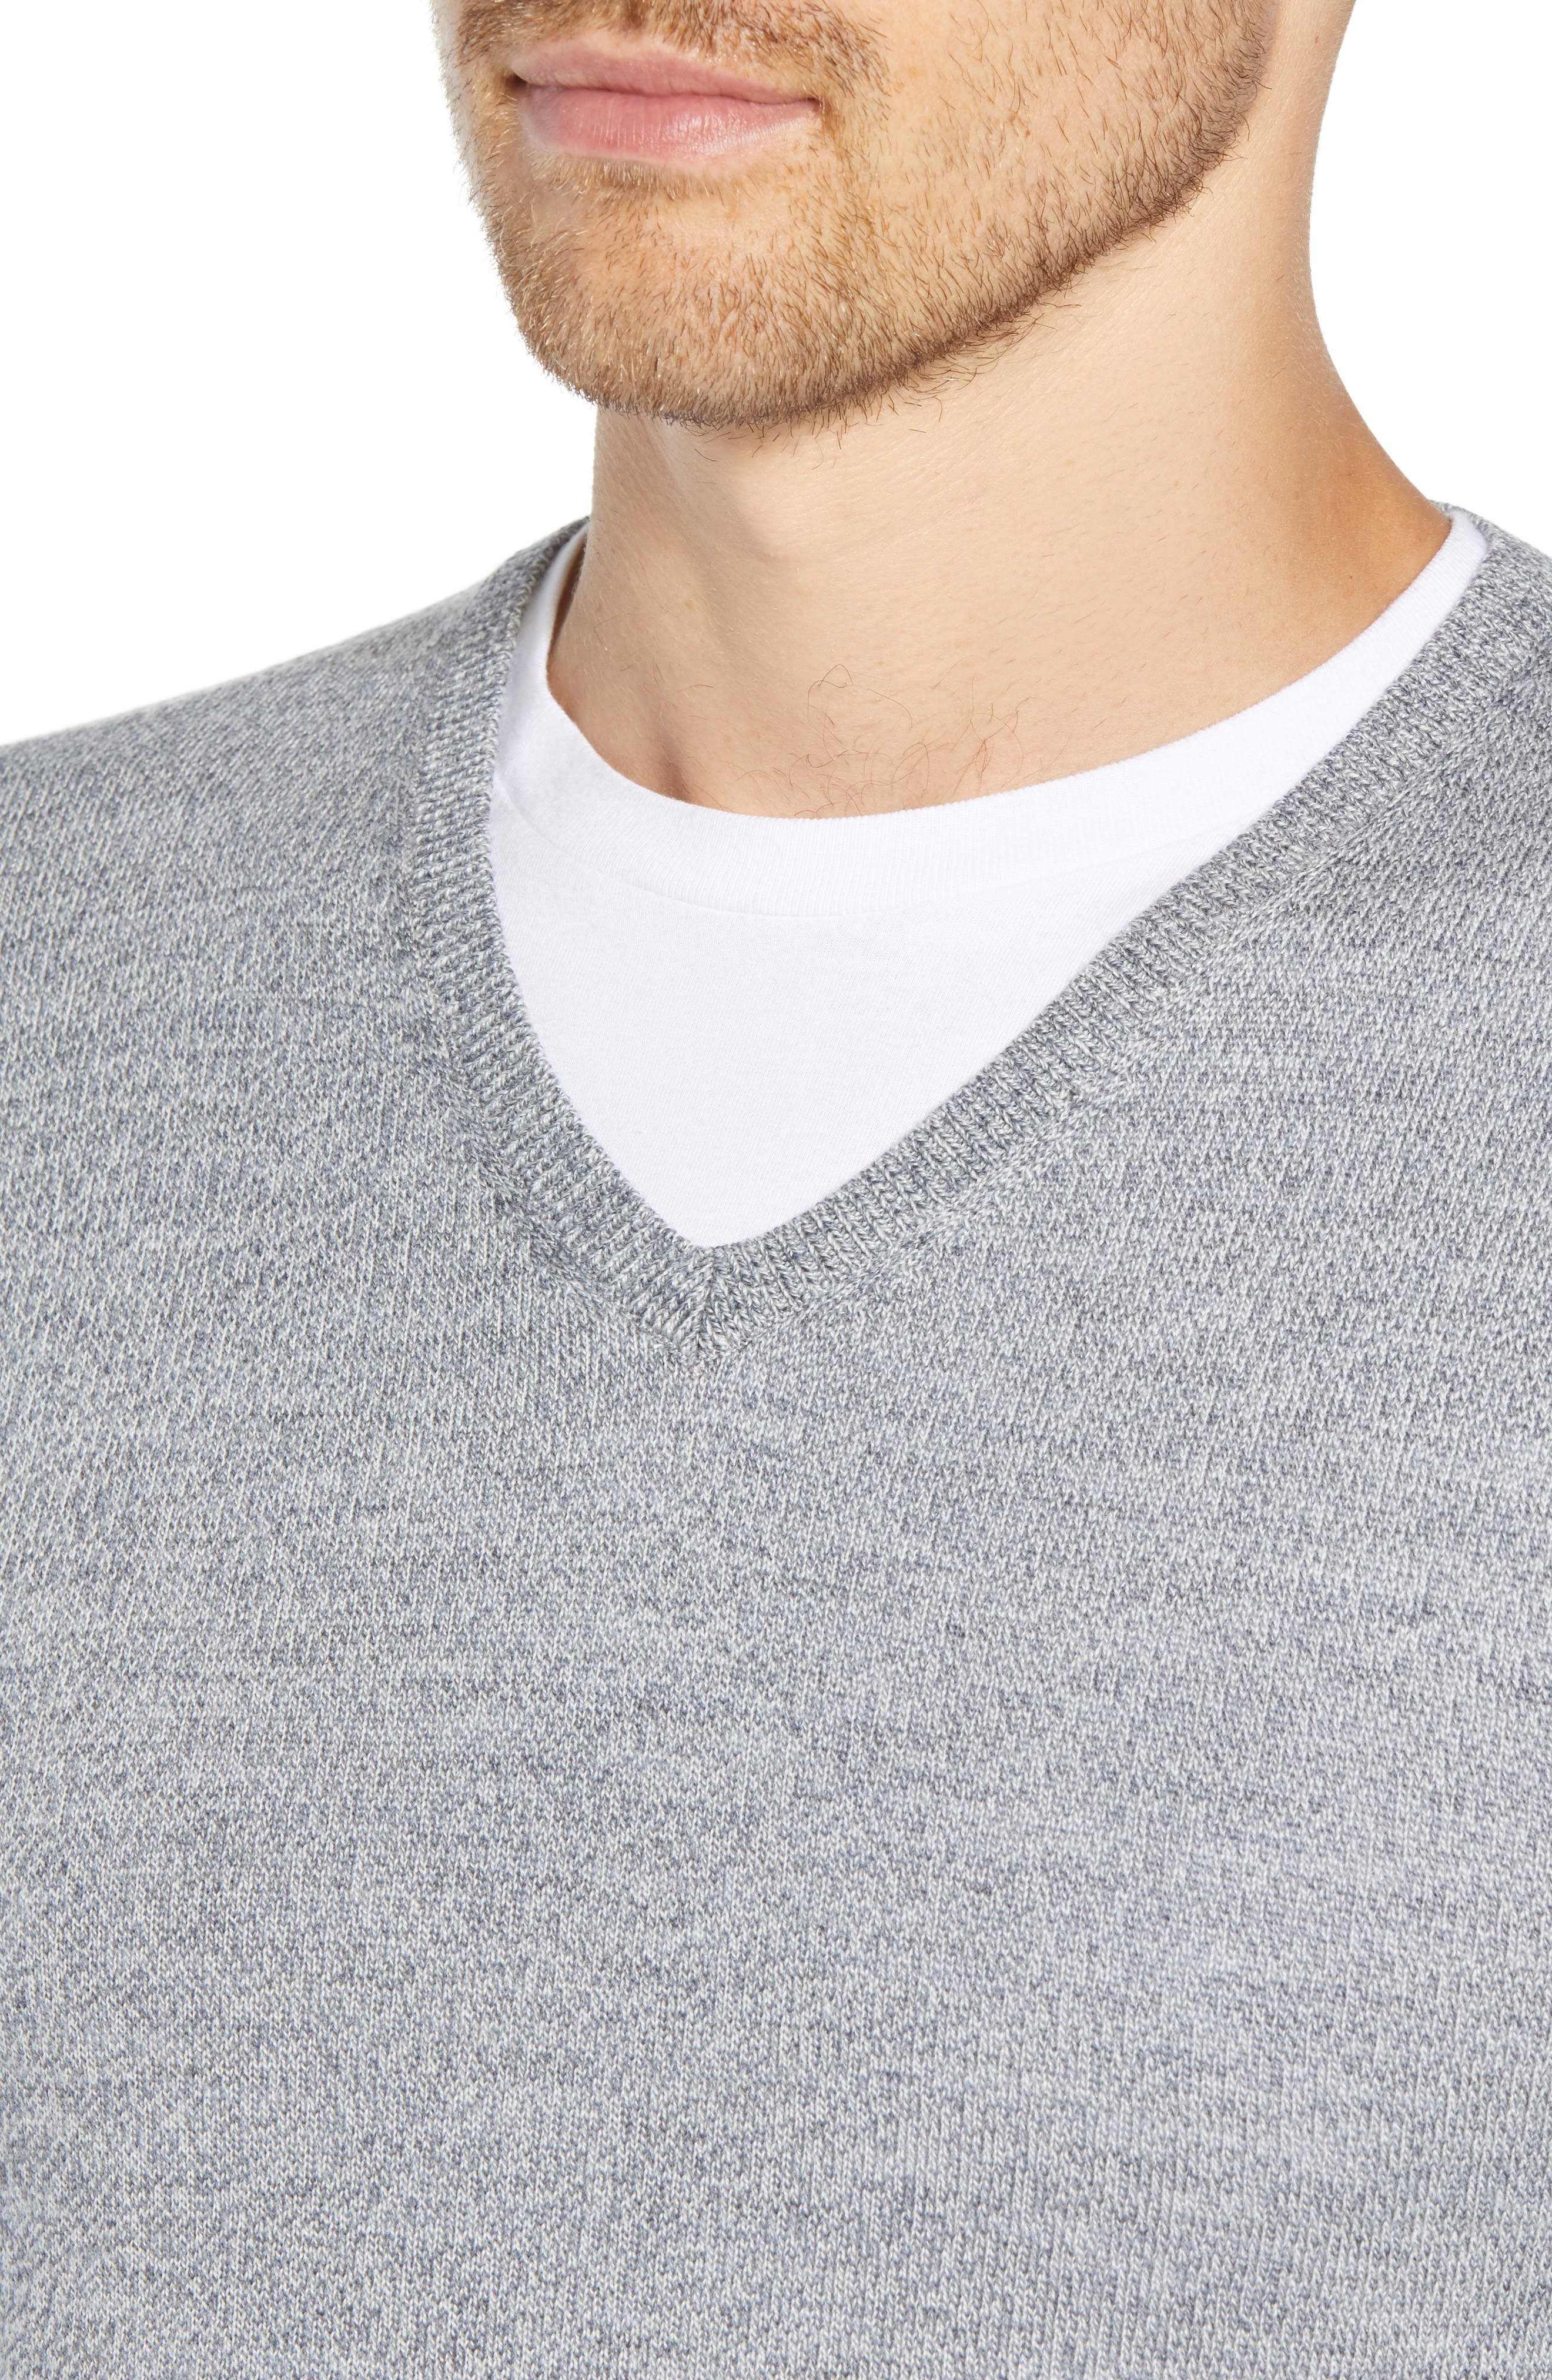 Slim Fit V-Neck Merino Wool Sweater,                             Alternate thumbnail 4, color,                             020